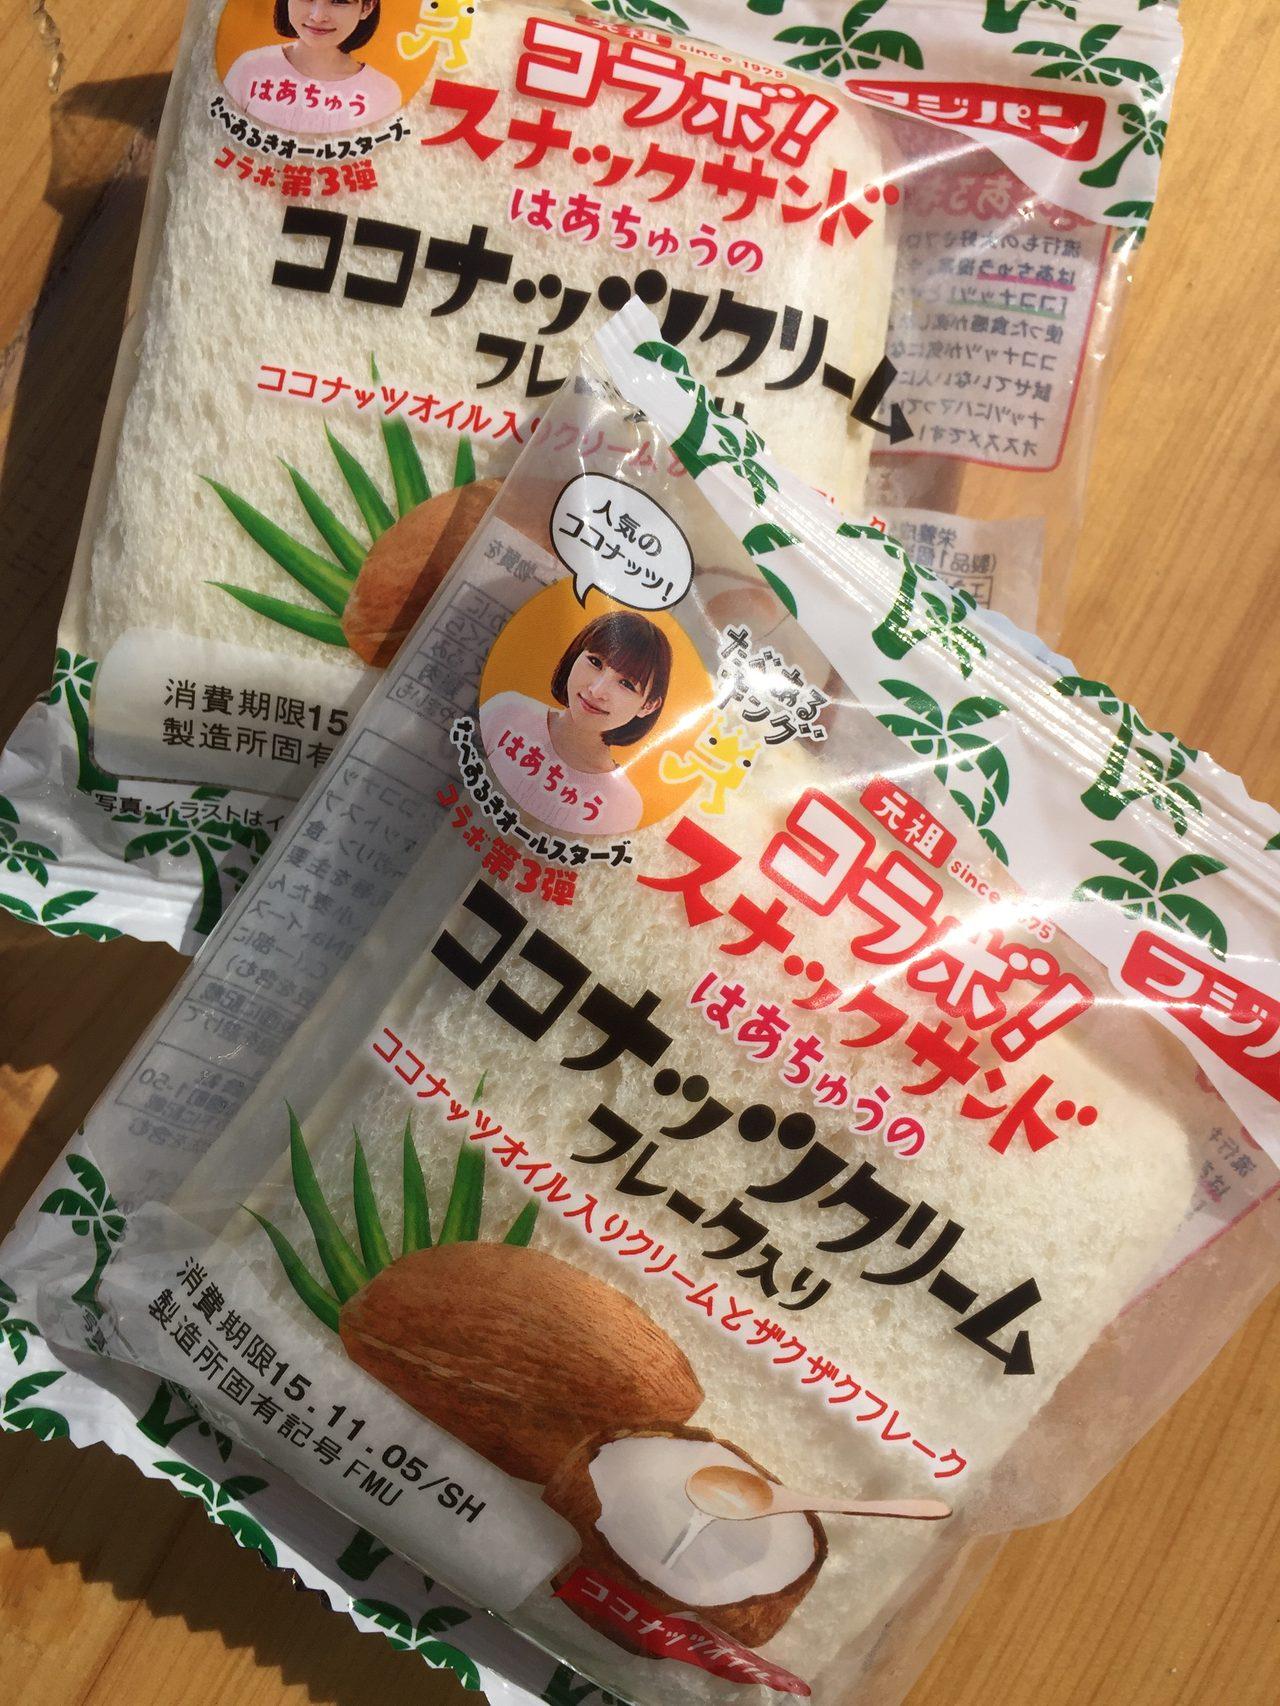 画像: はあちゅうプロデュース「ココナッツクリーム フレーク入り」発売中!